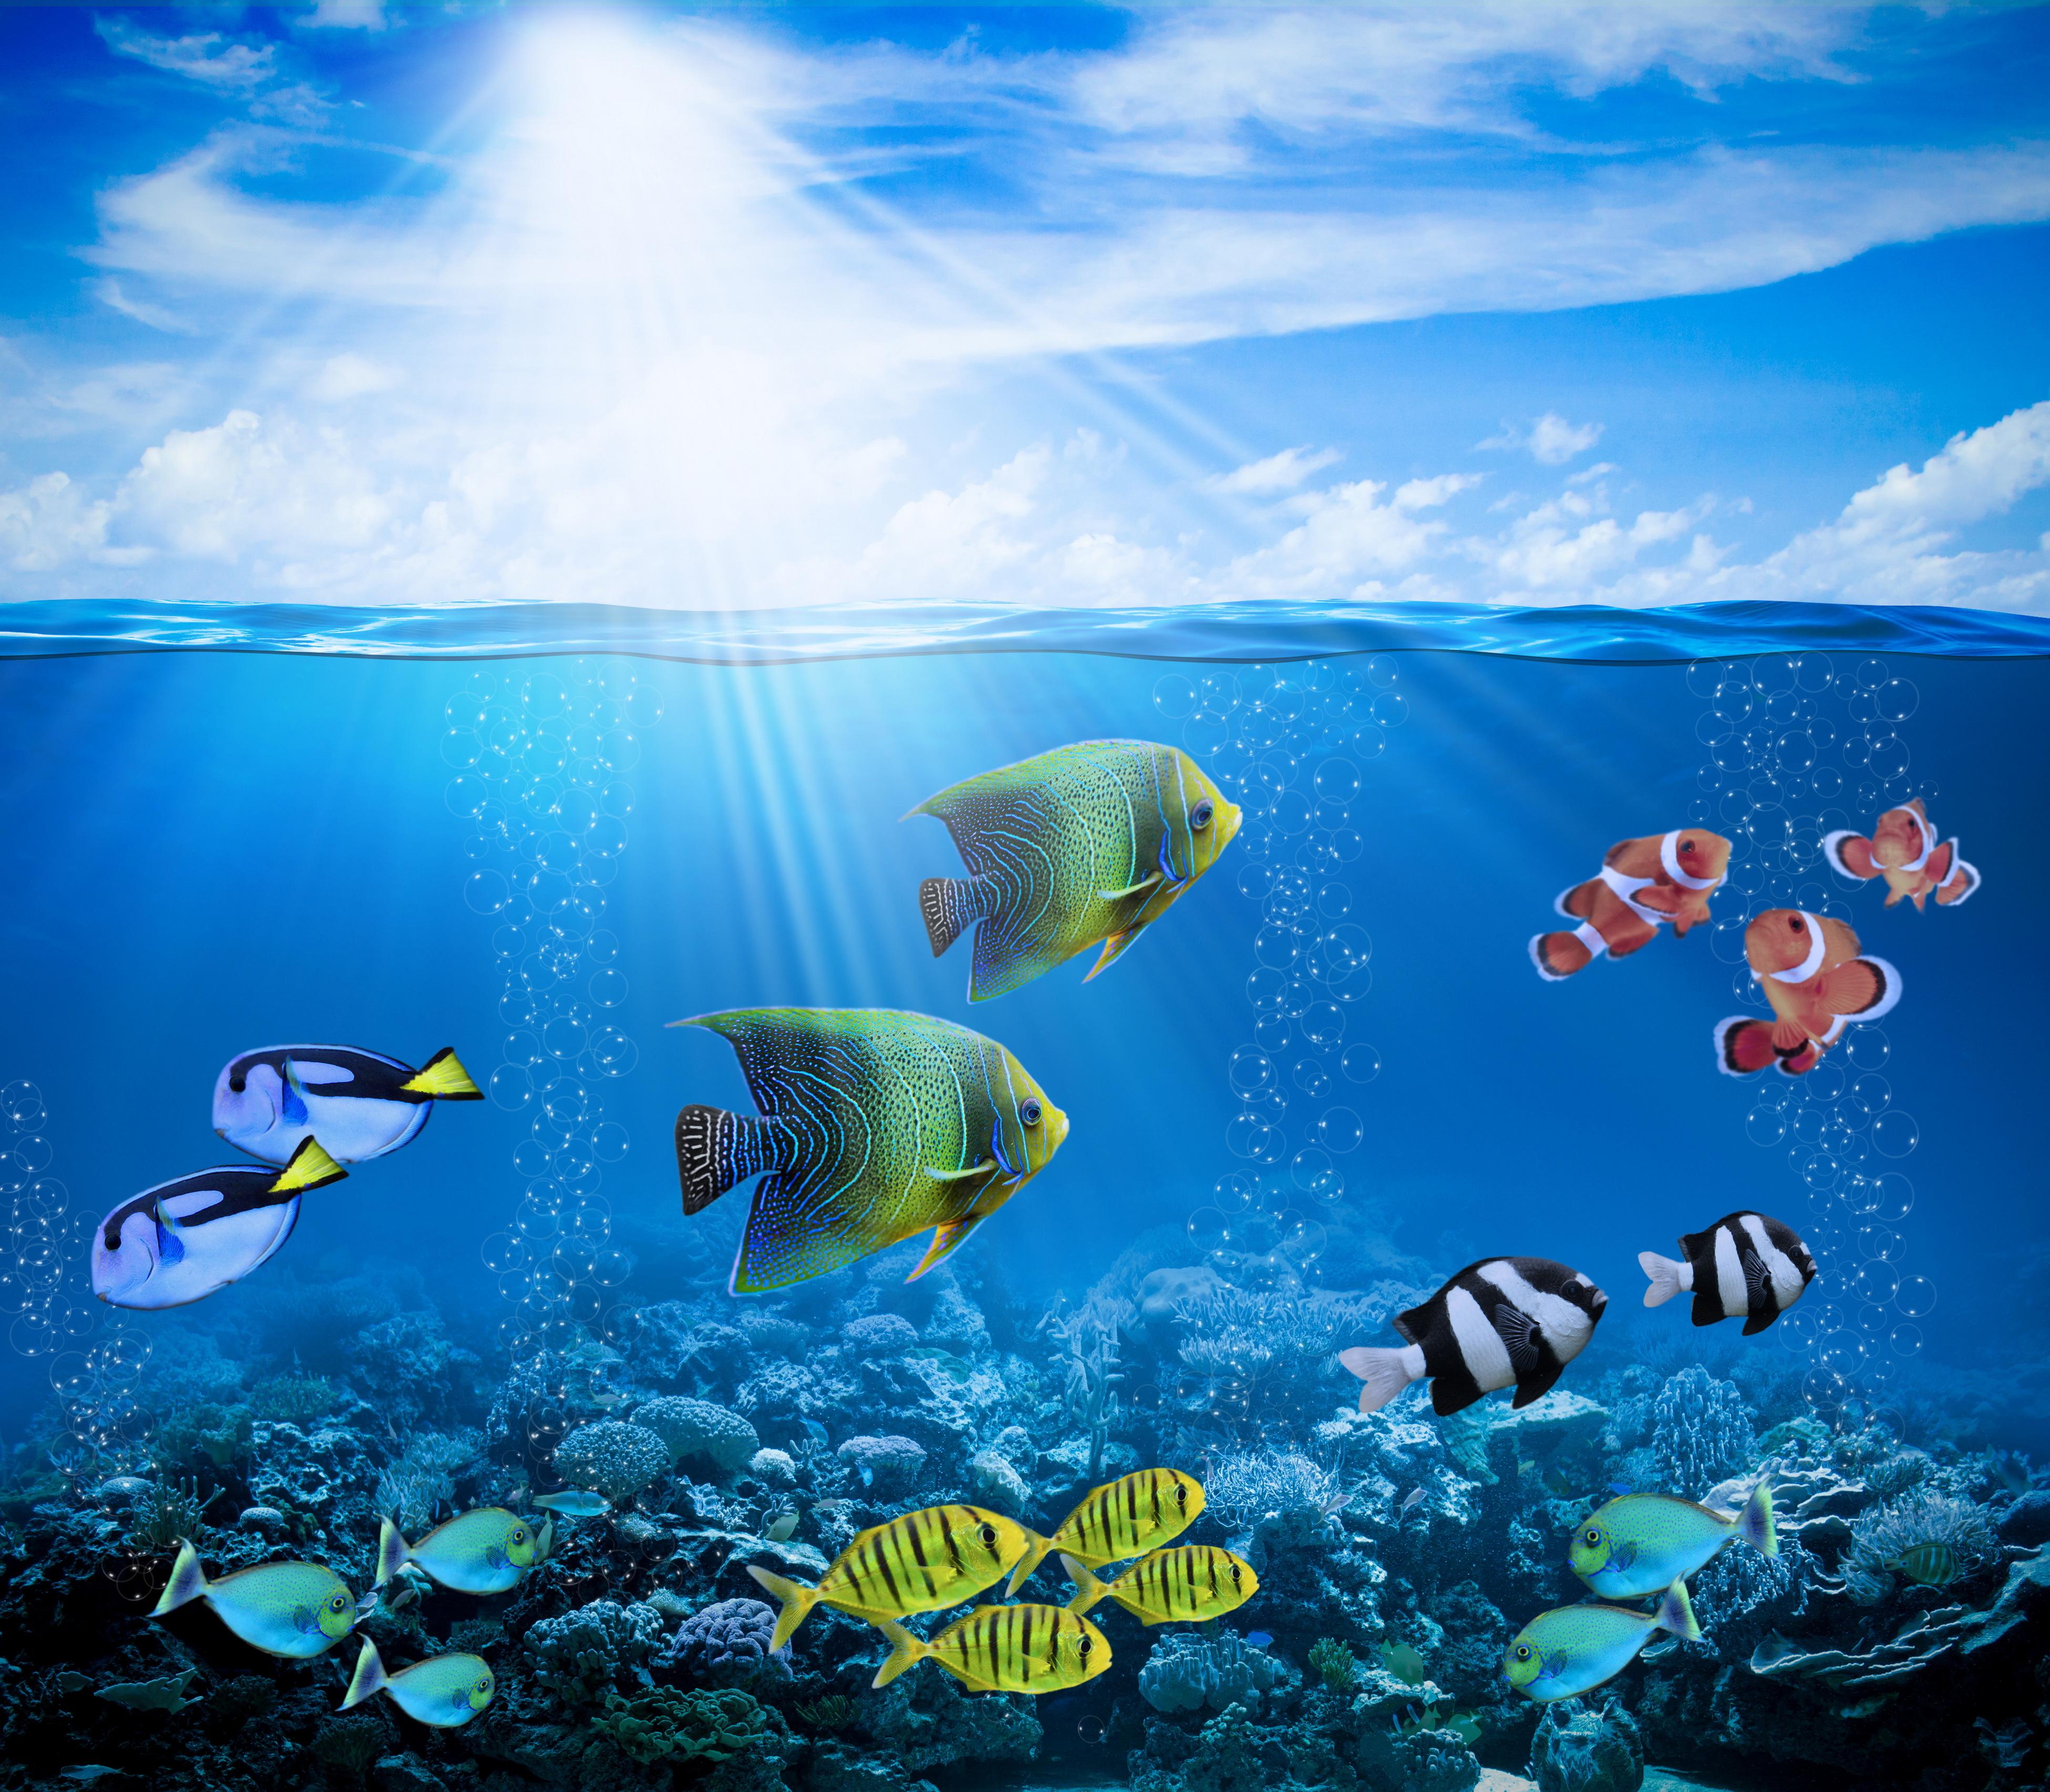 Tropical Fishes Fondos De Pantalla, Fondos De Escritorio